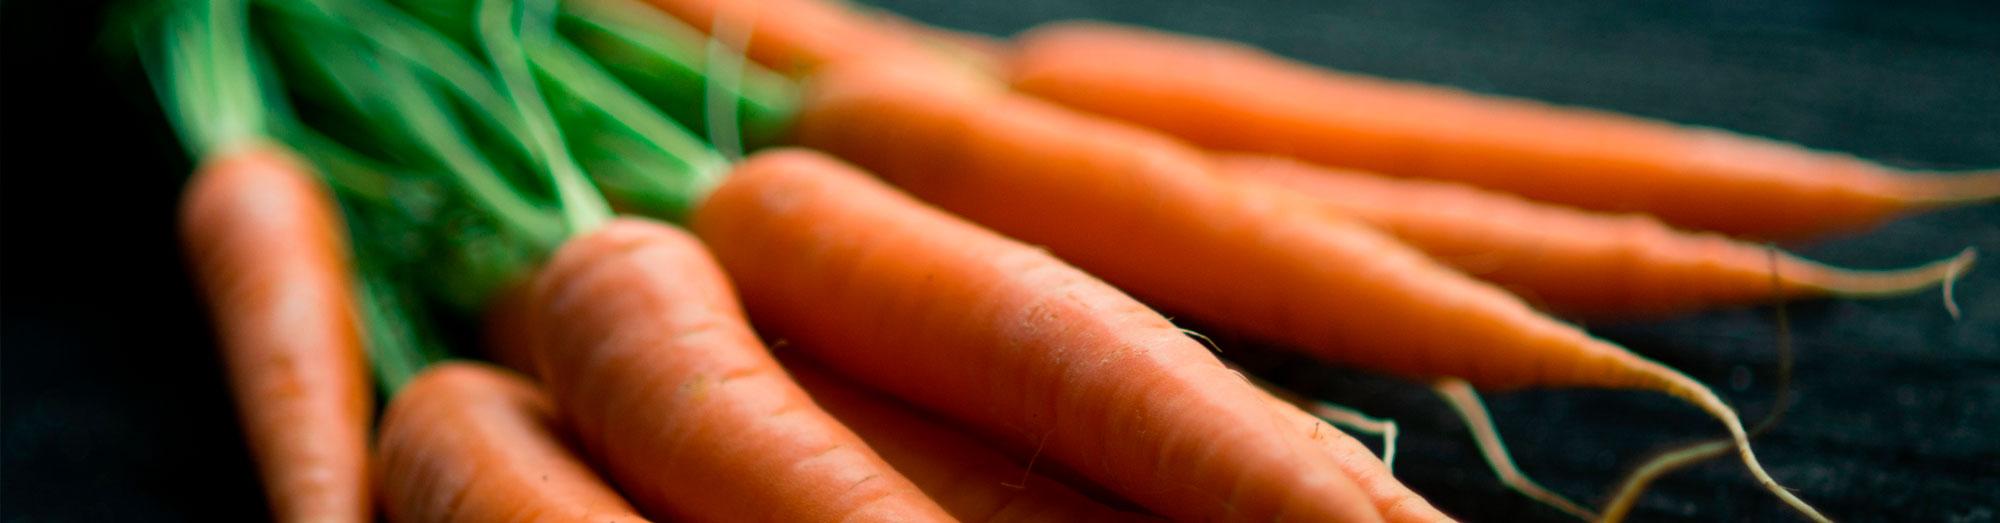 Insalatini, i benefici delle verdure fermentate